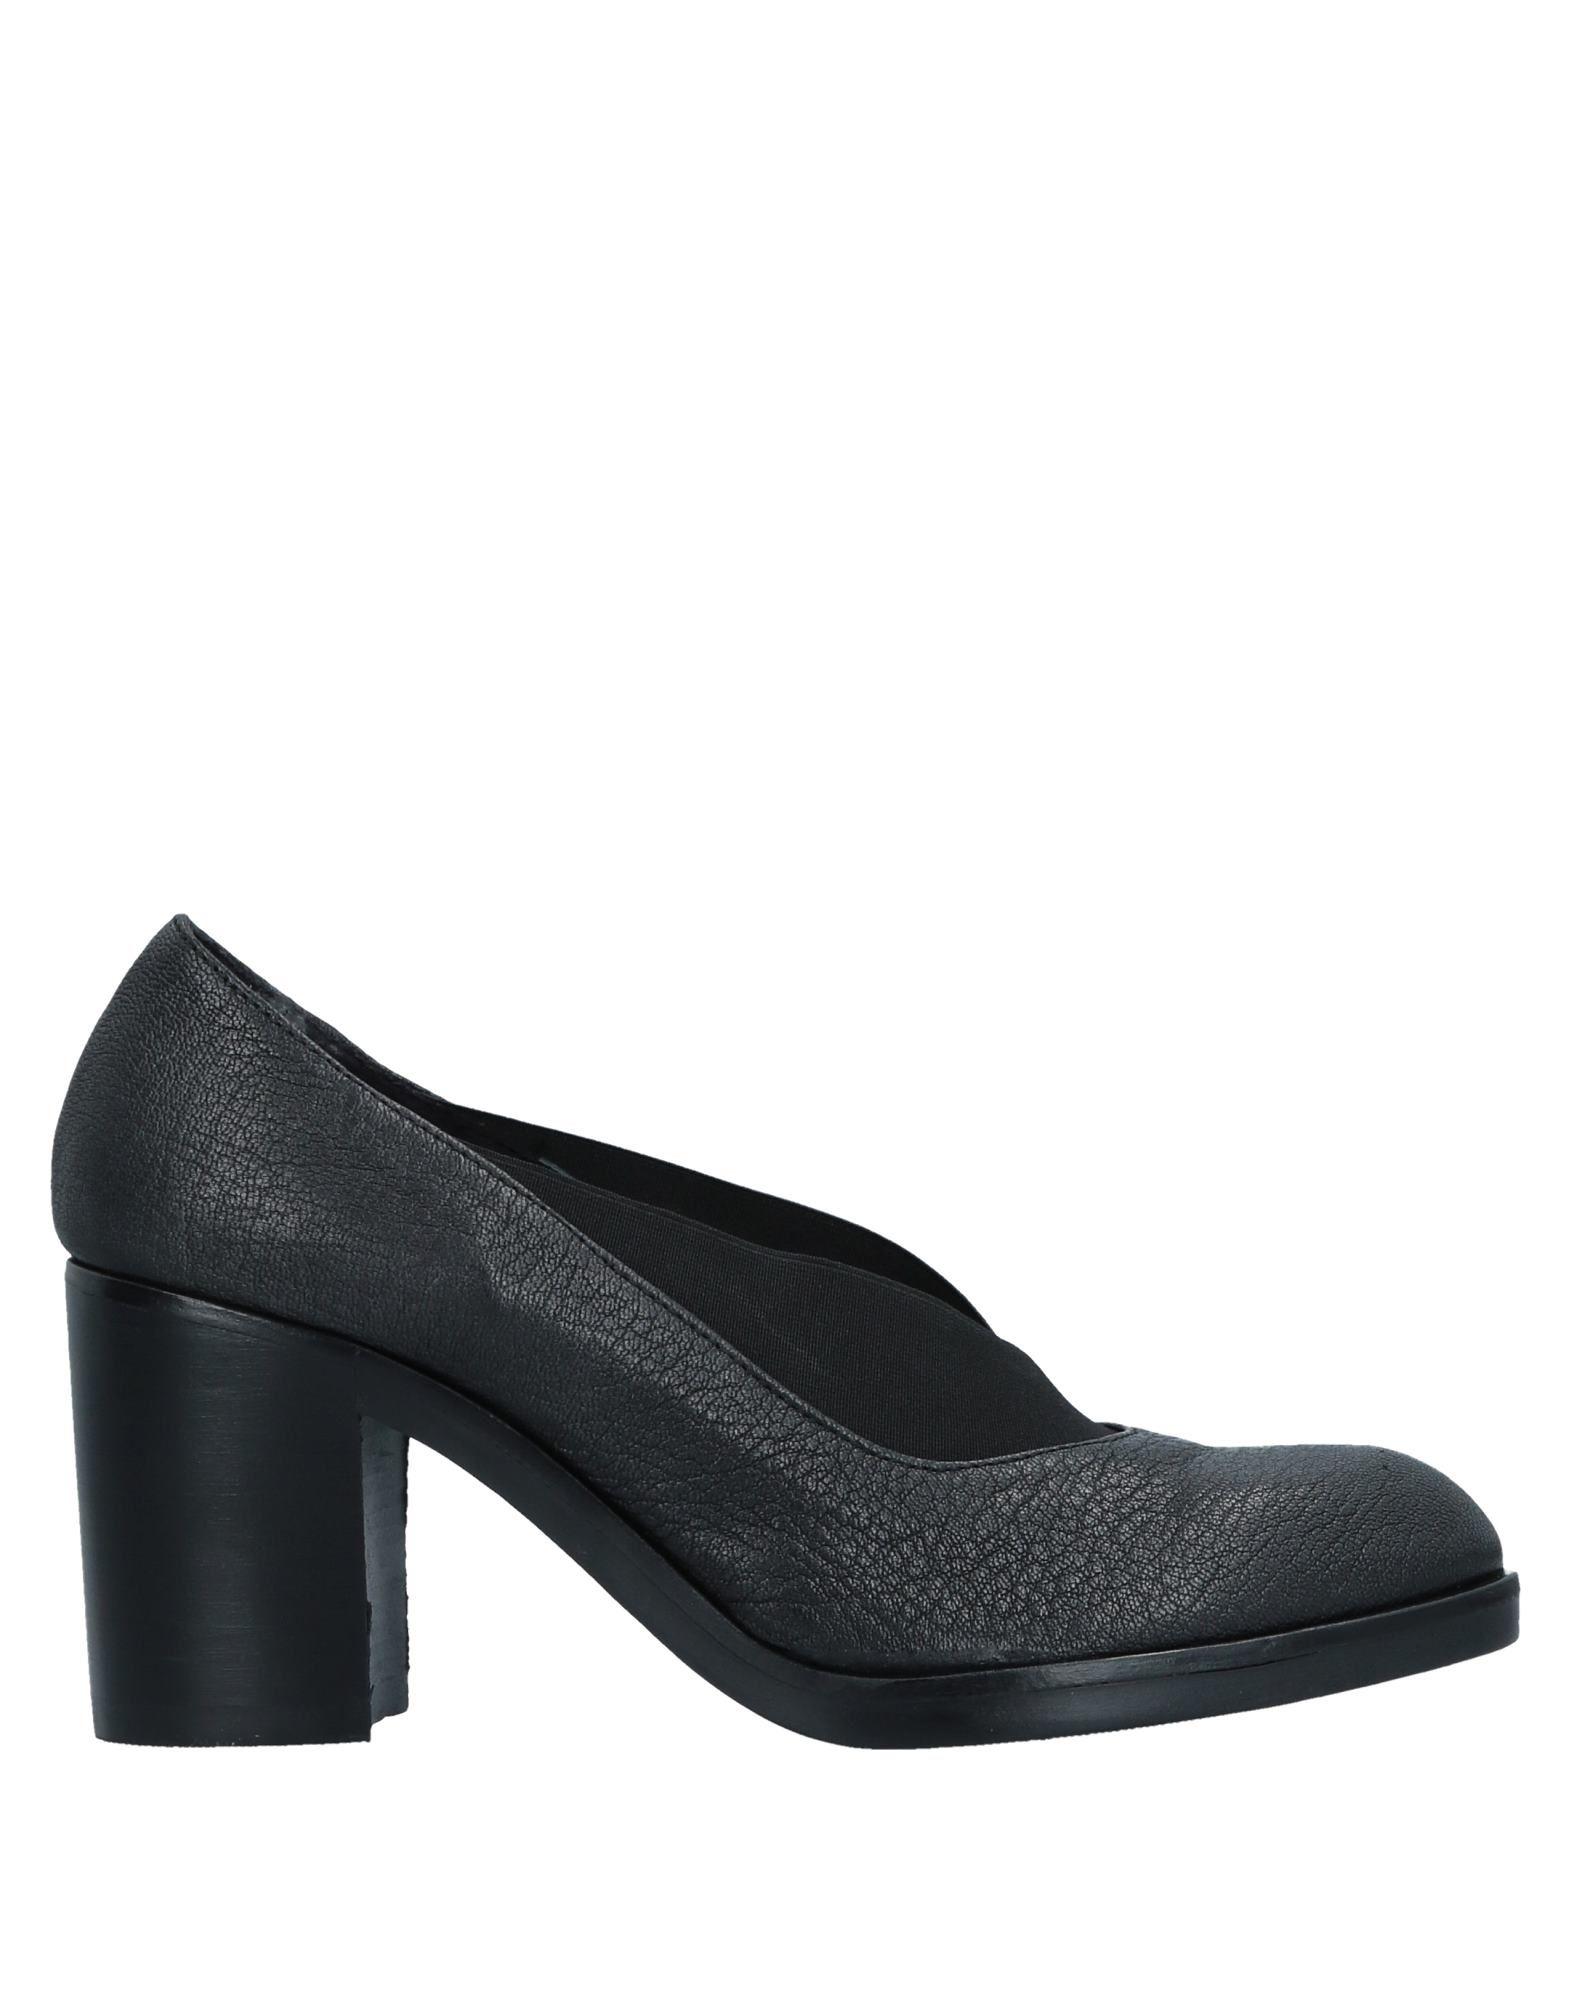 Lilimill Pumps Damen  11522338OD Gute Qualität beliebte Schuhe